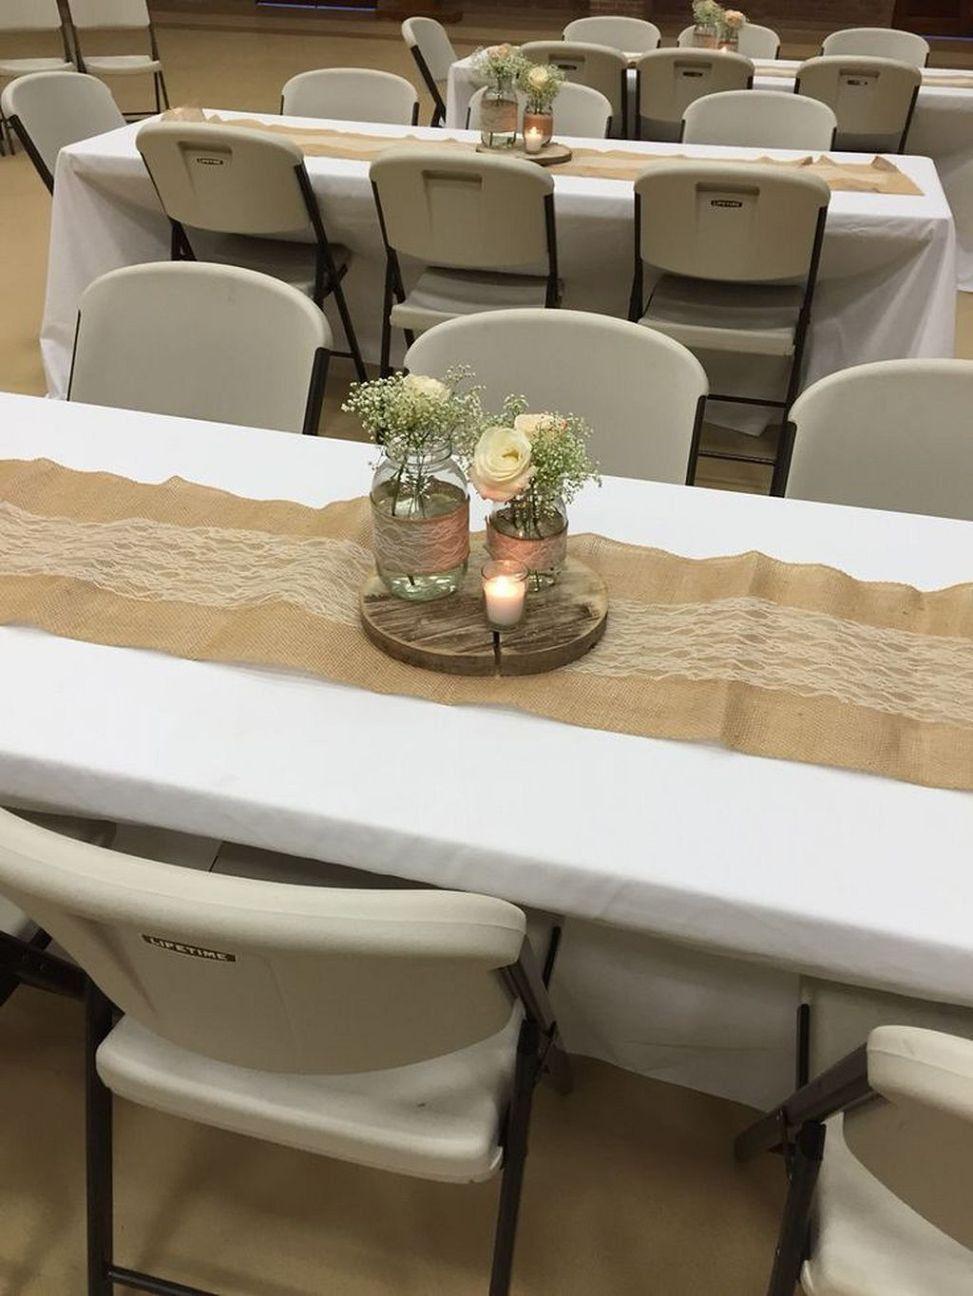 Wedding Shower Table Decor Unique Burlap Table Decorations For